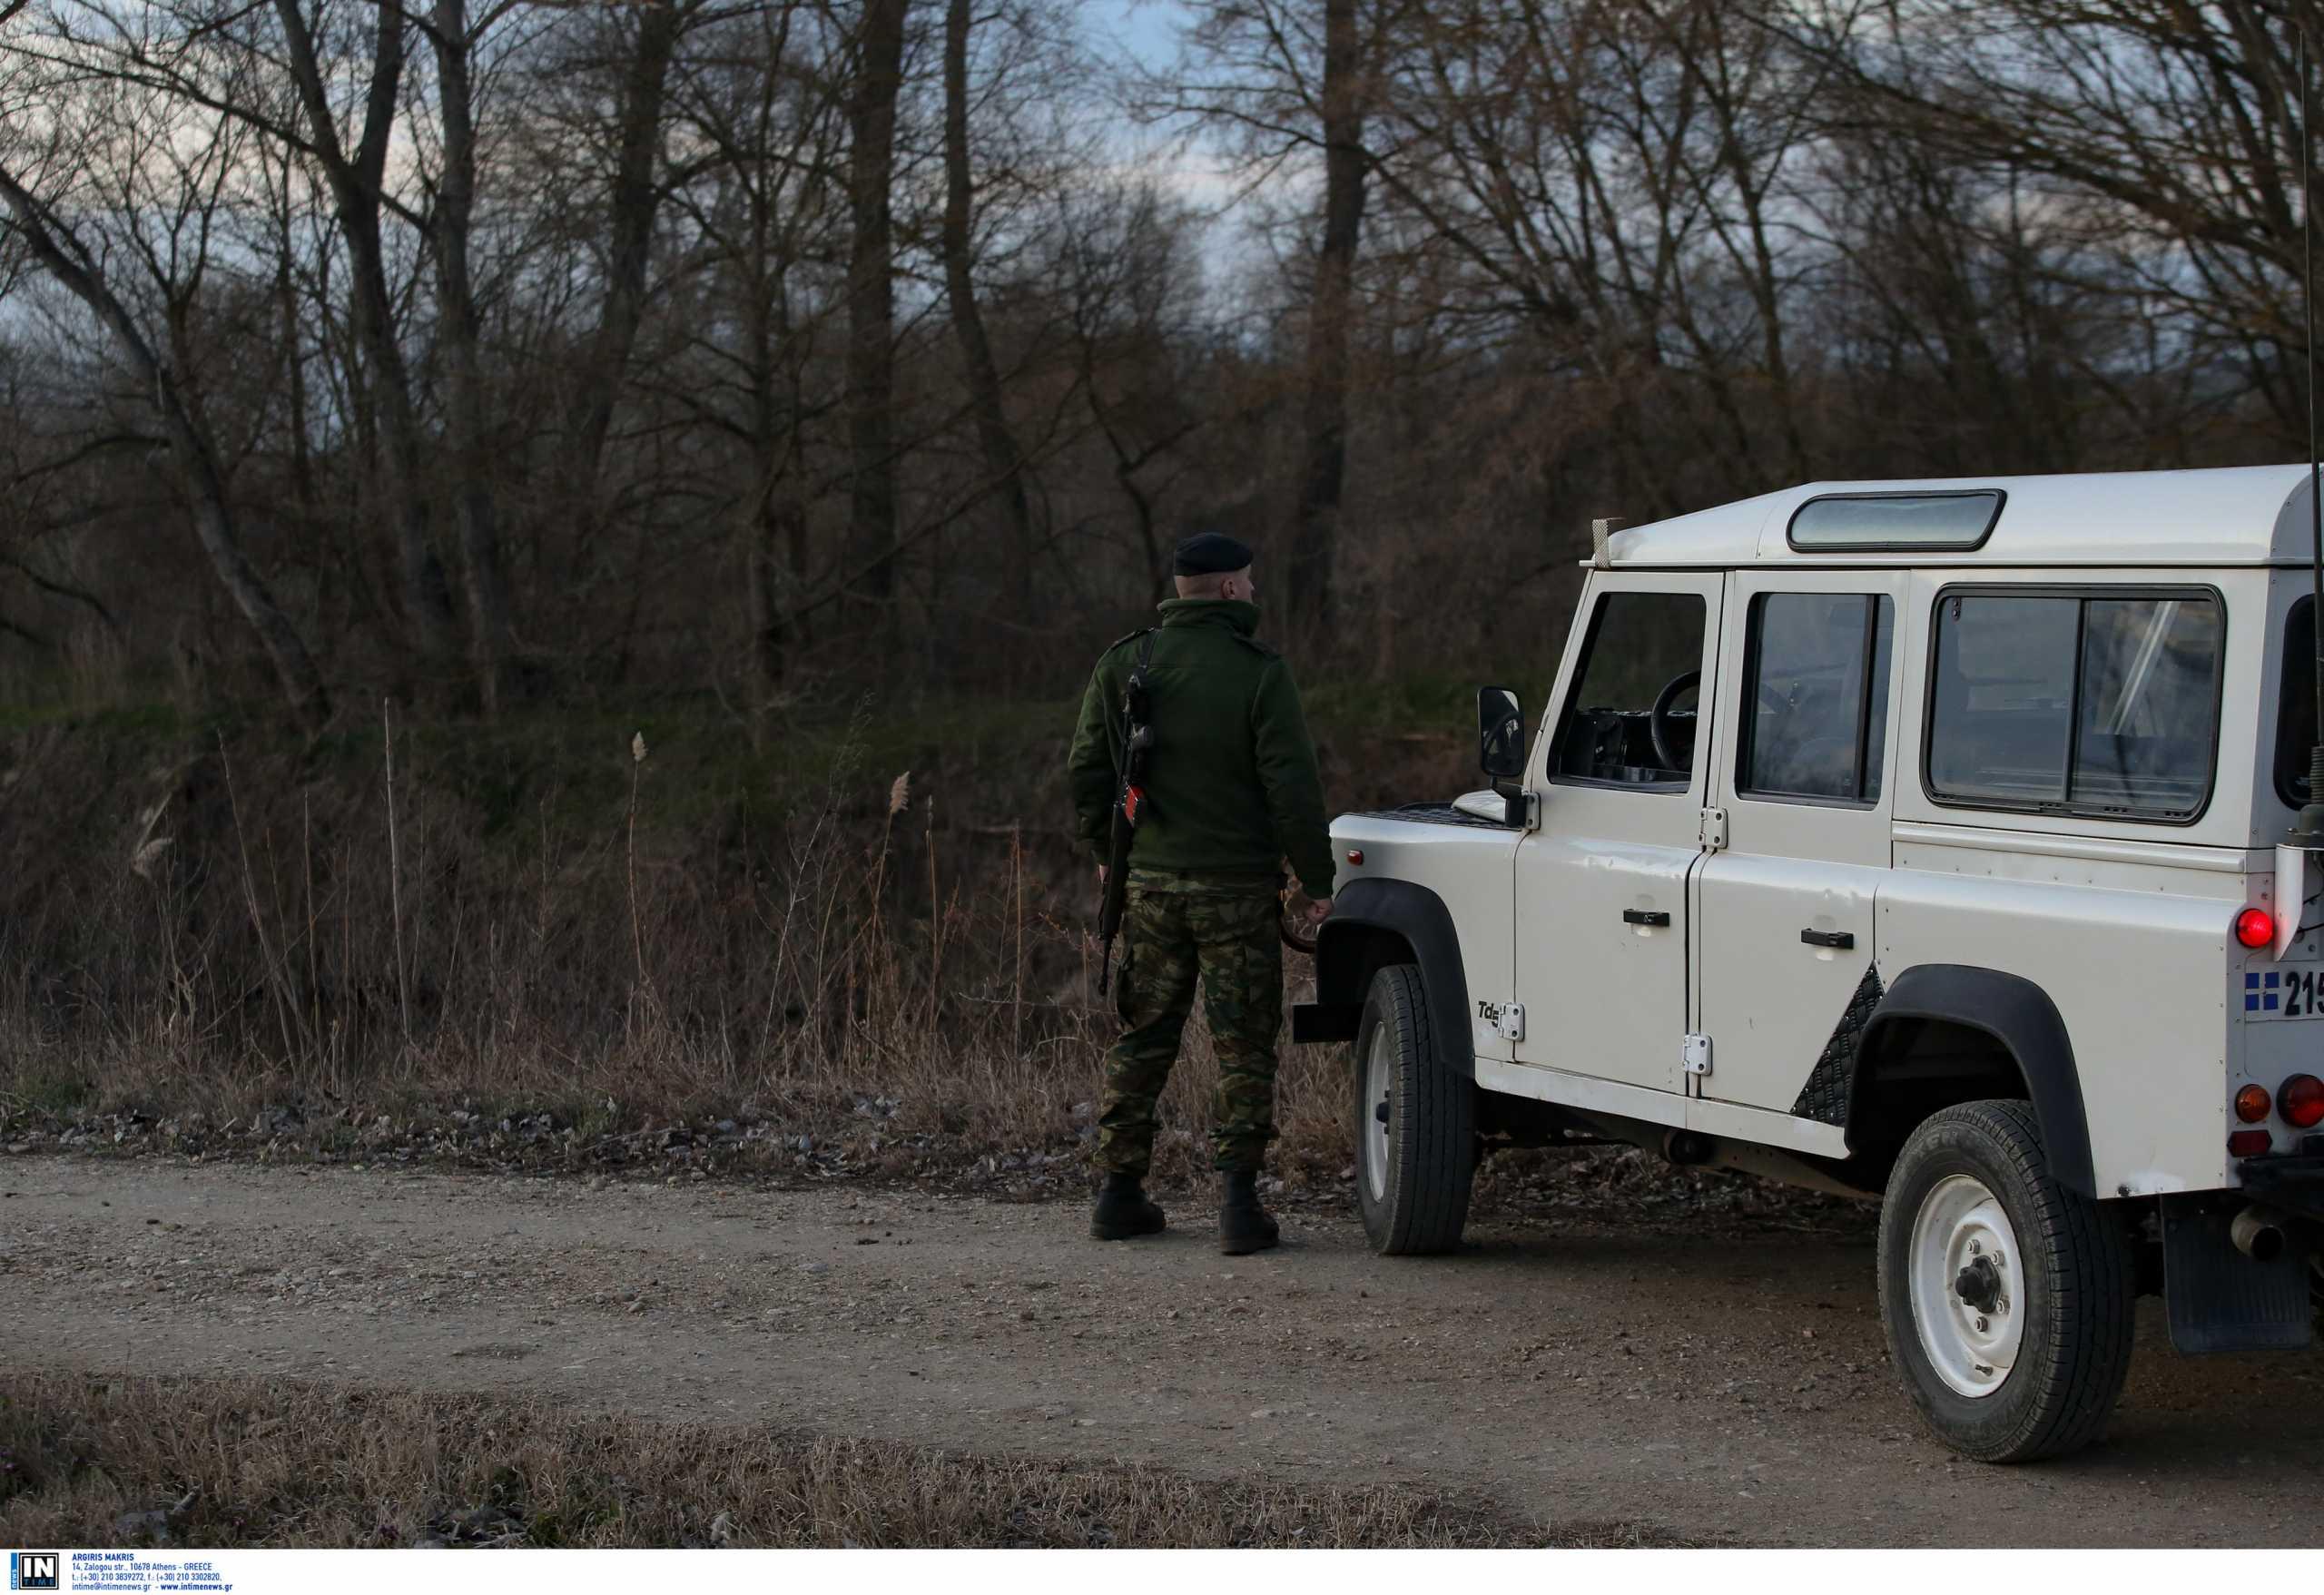 Στρατός και αστυνομία θα περιπολούν σε περιοχές επίφοβες για φωτιές